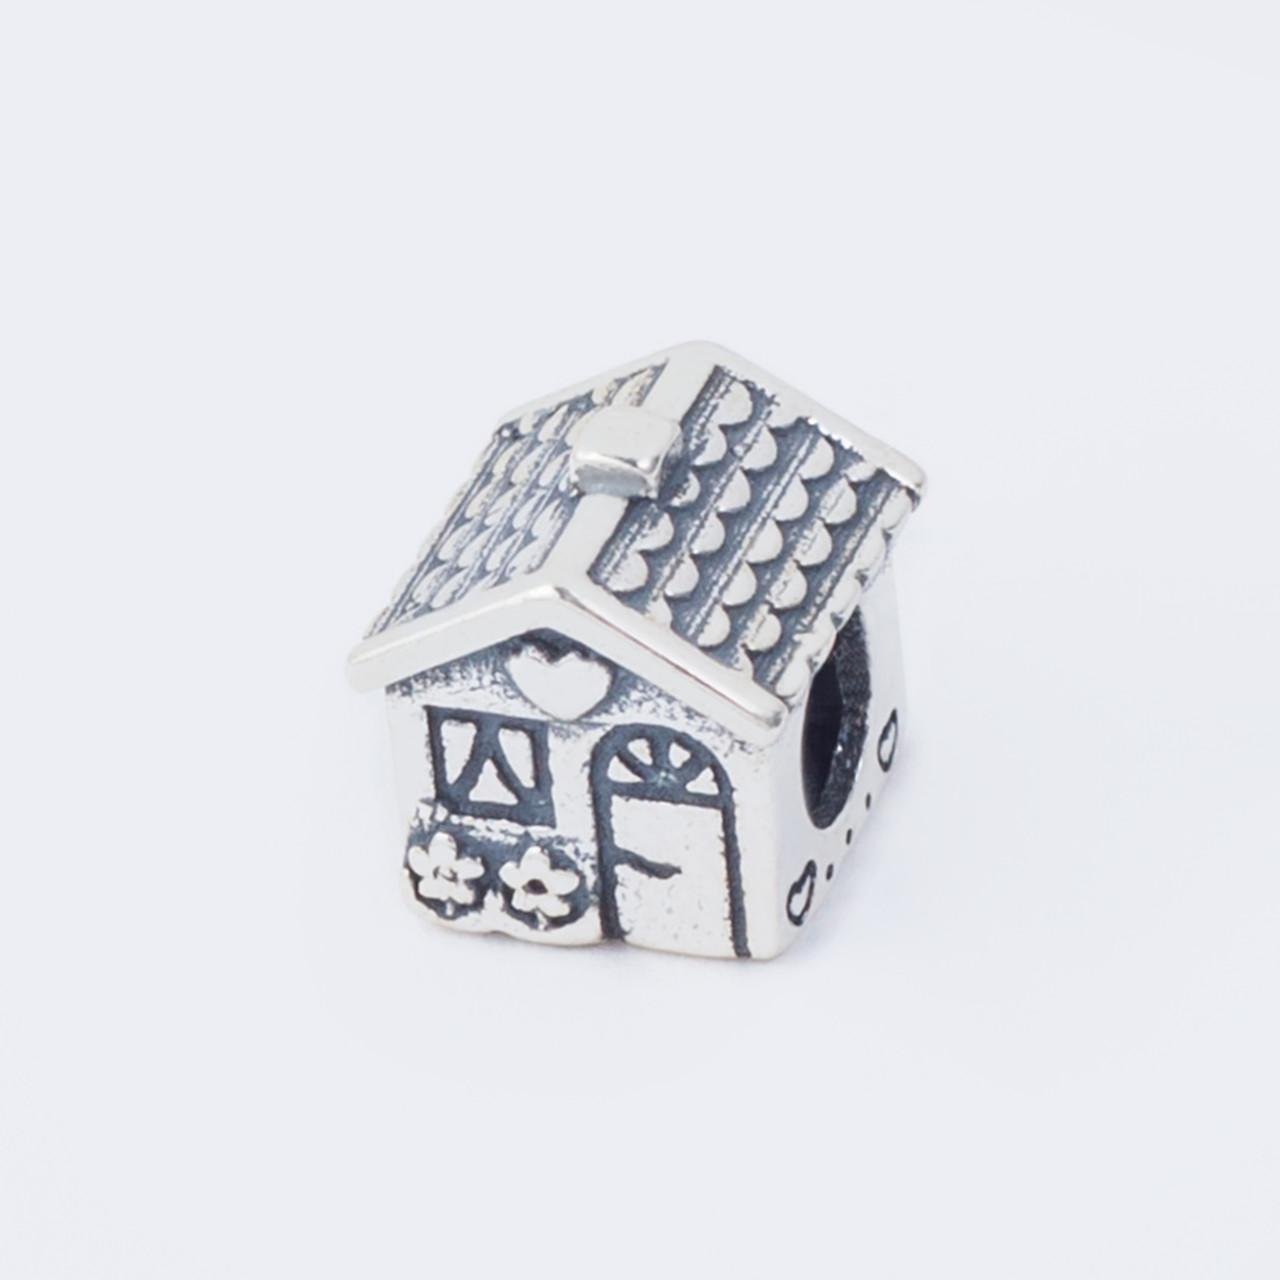 Серебряный Шарм (бусина) «Домик» в стиле Pandora (Пандора)